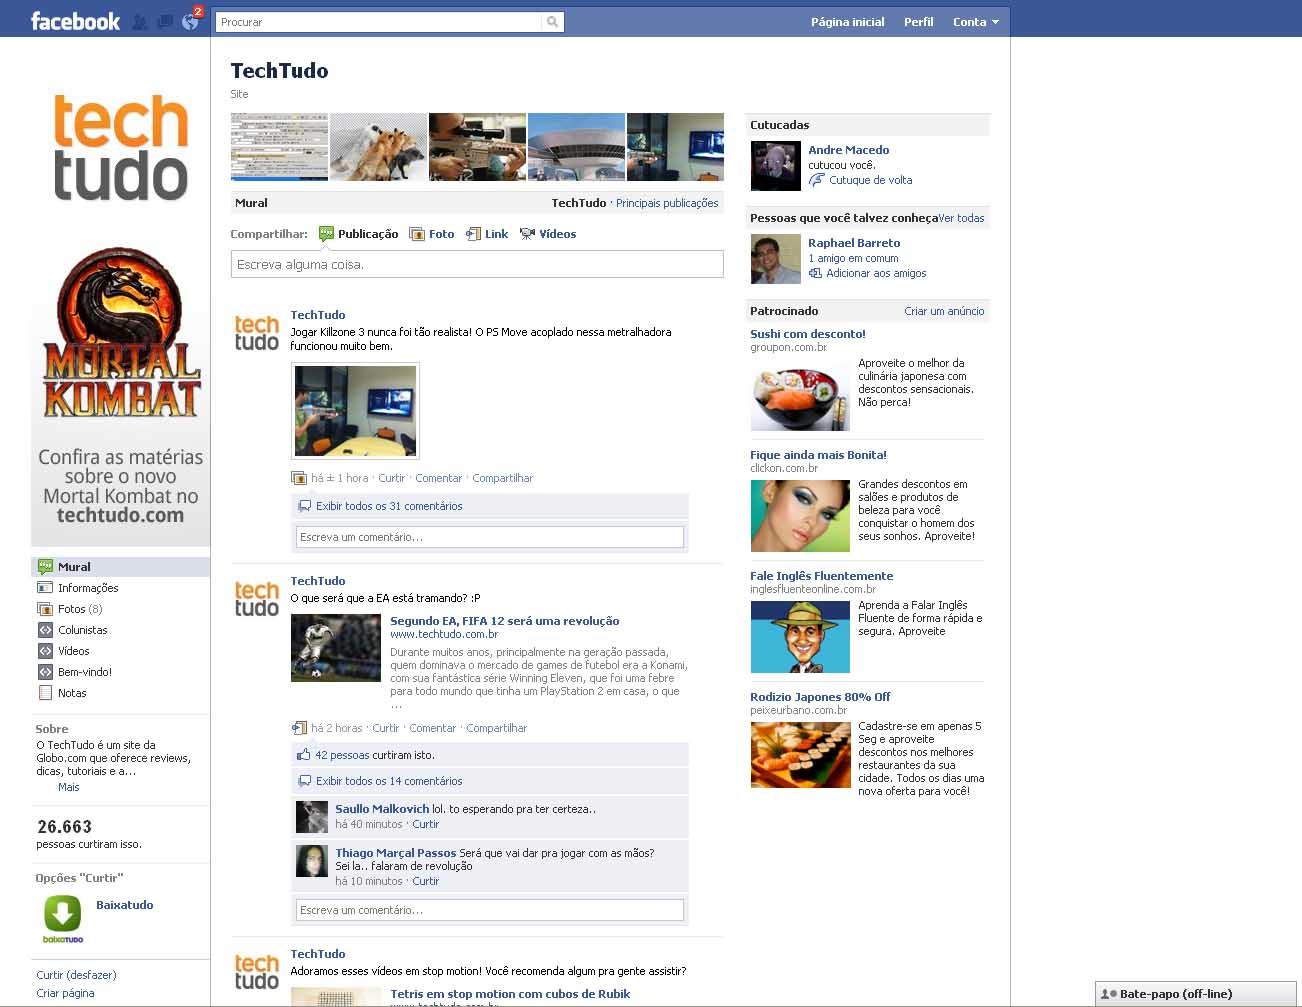 Perfil do TechTudo no Facebook do Brasil (Foto: Divulgação)